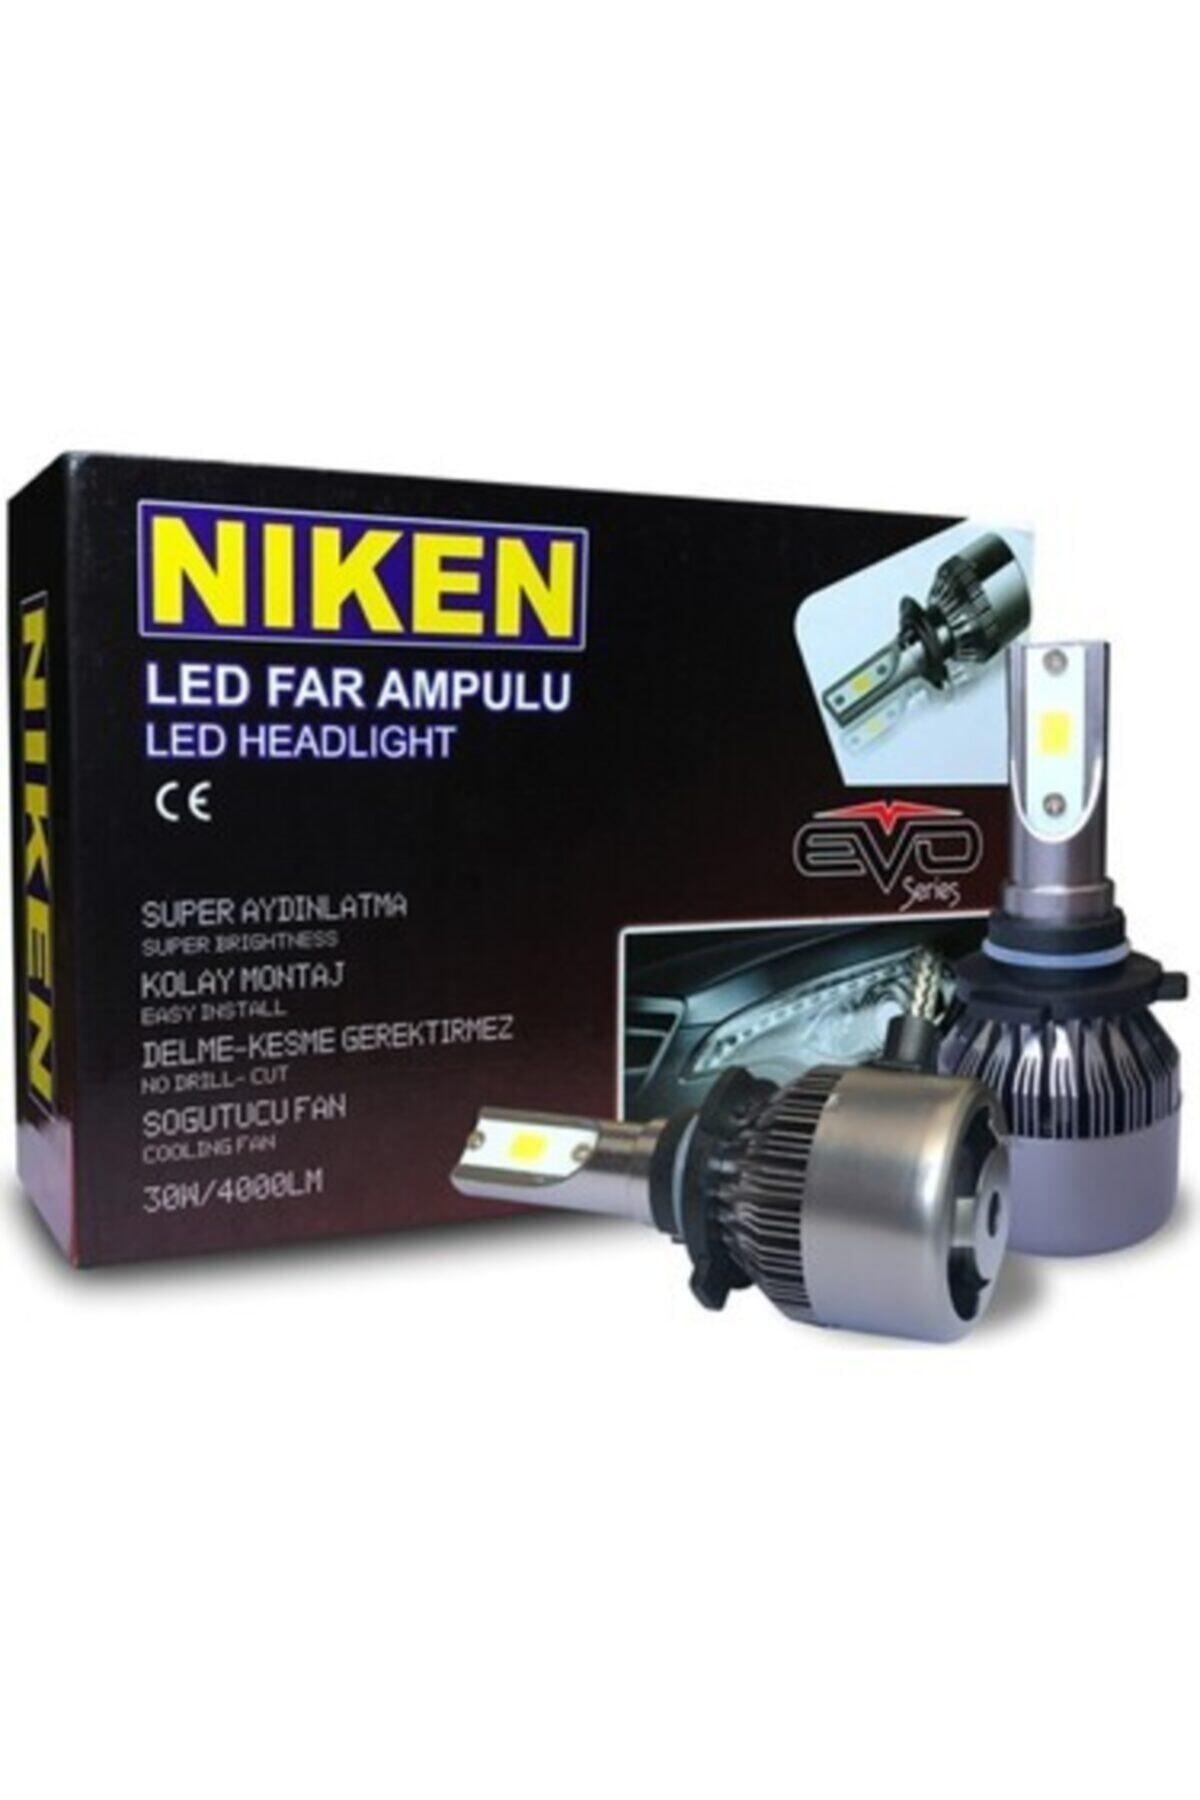 Niken H7 Led Xenon Evo Seri 4000 Lümen 6000k Beyaz Şimşek Etkili 1